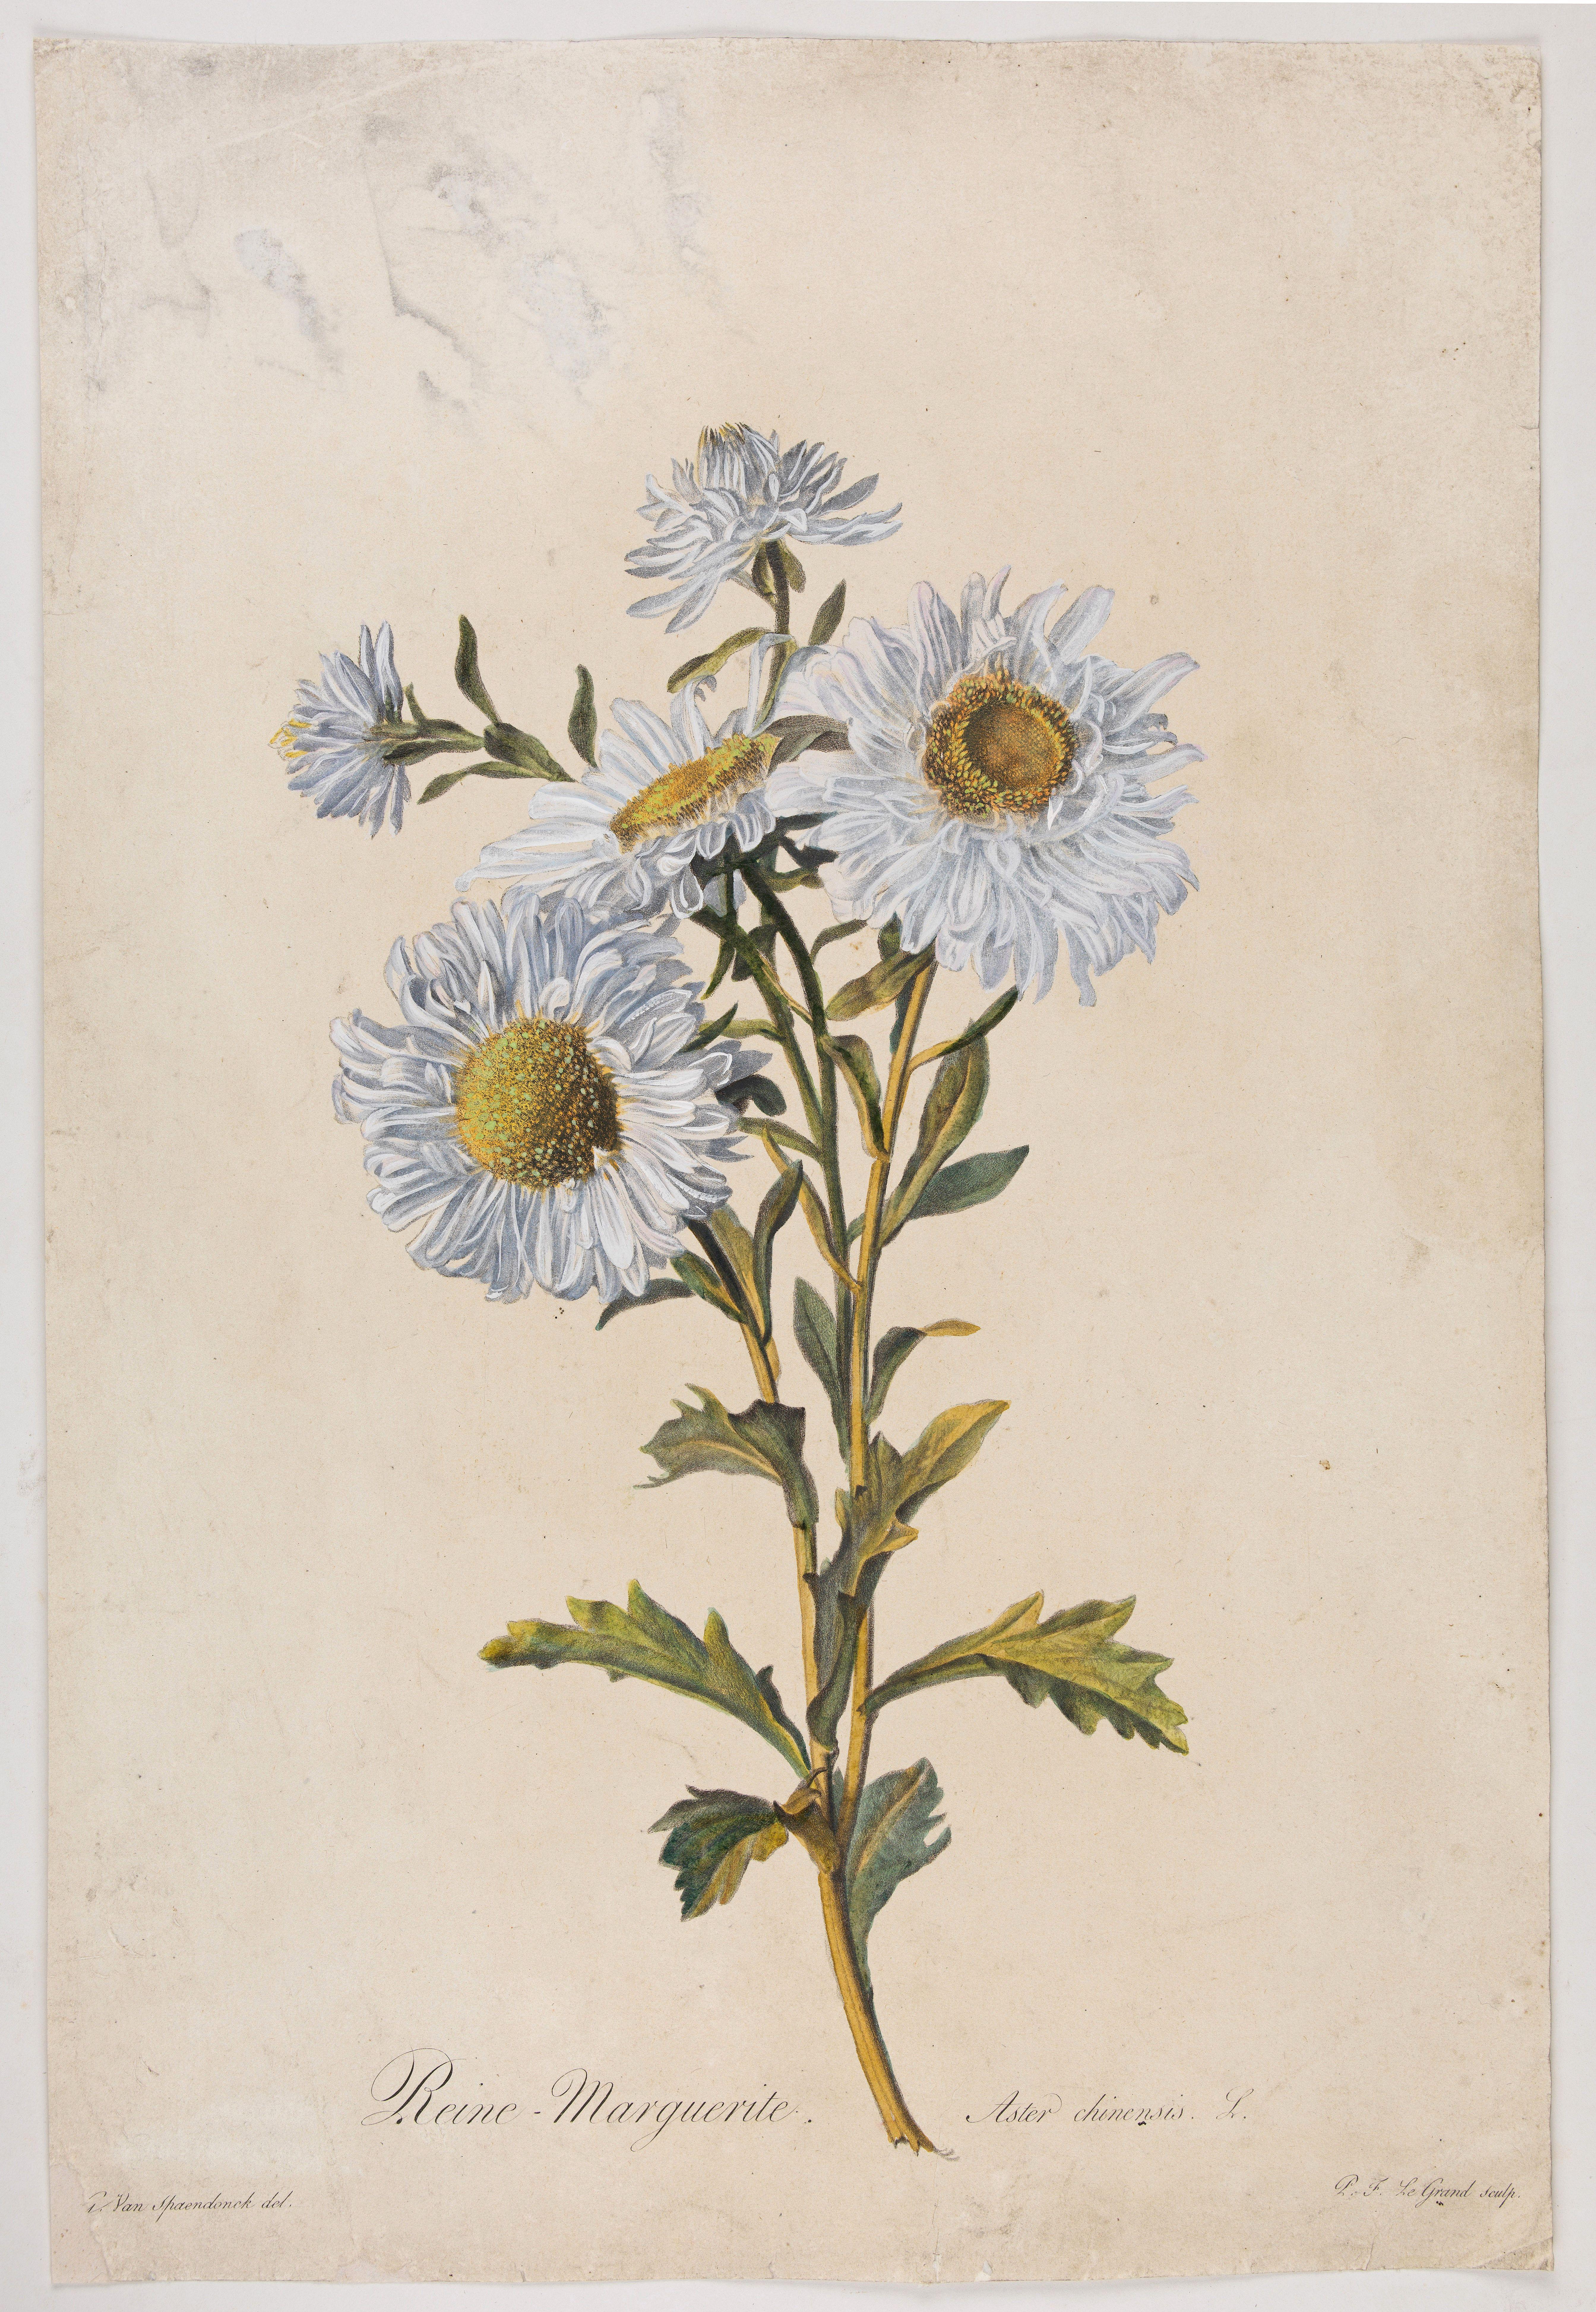 SPAENDONCK, Van. G. -  Reine-Marguerite.  Aster chinensis. L.